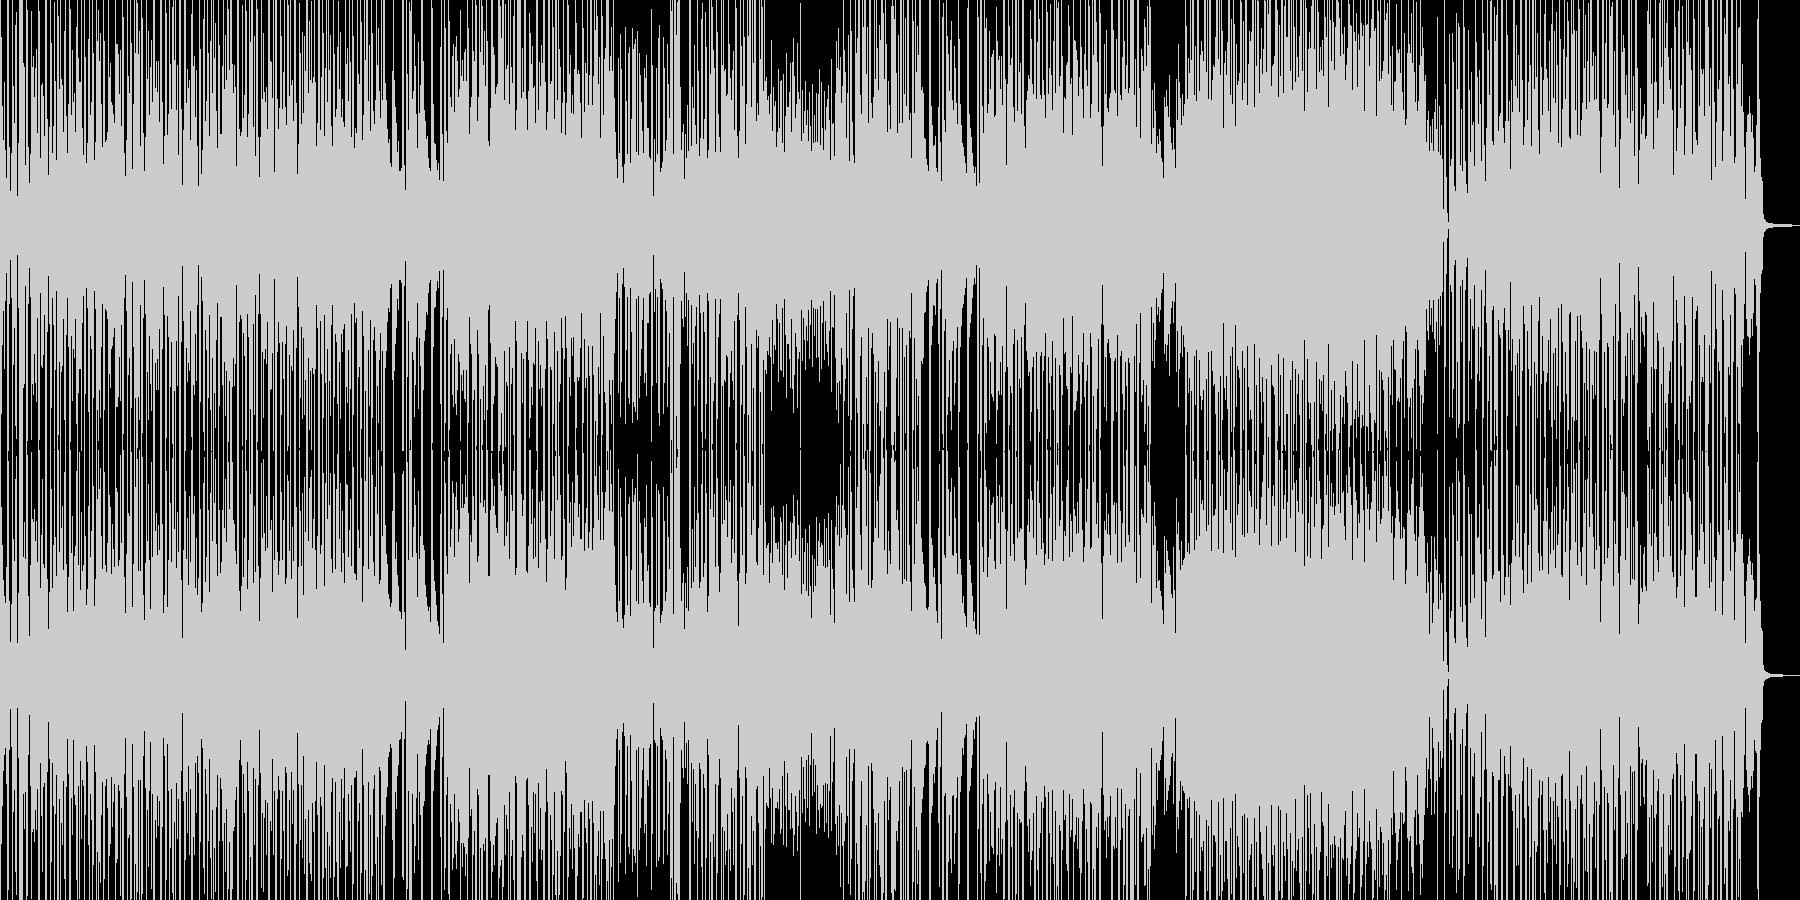 お笑い冒険活劇・オシャレ三味線ファンクAの未再生の波形